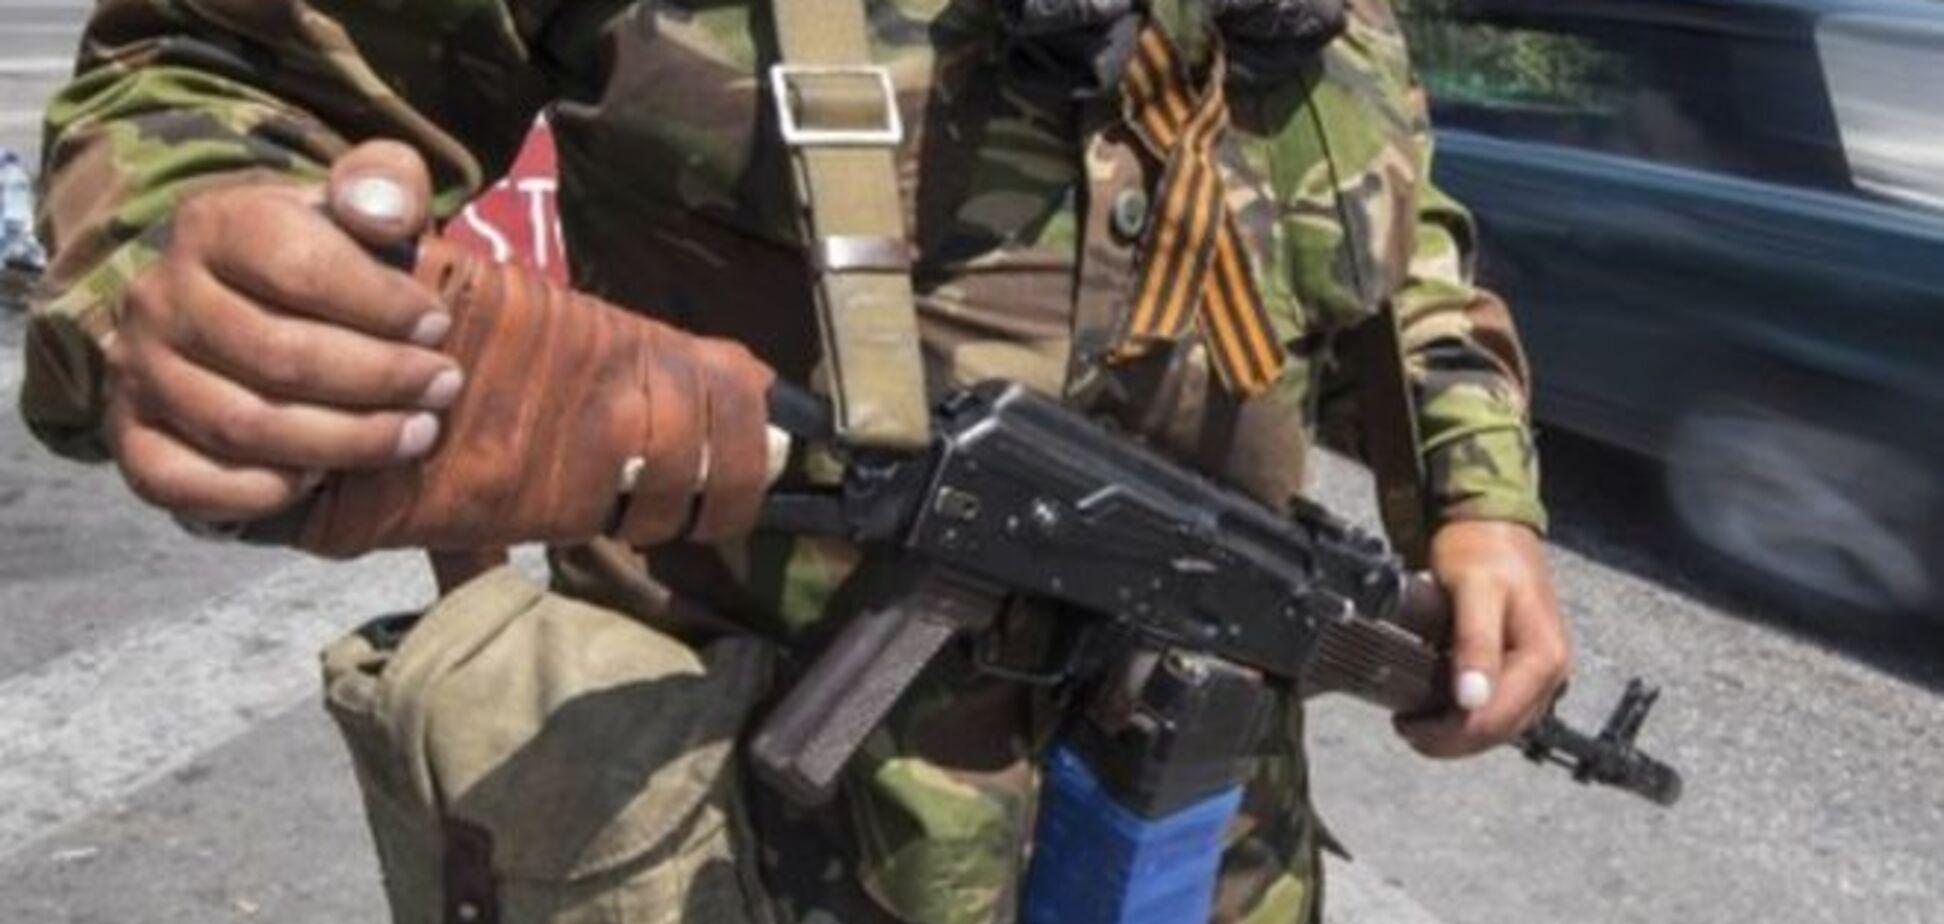 Боевики пригрозили Украине наступлением и хотят ввода 'миротворцев'